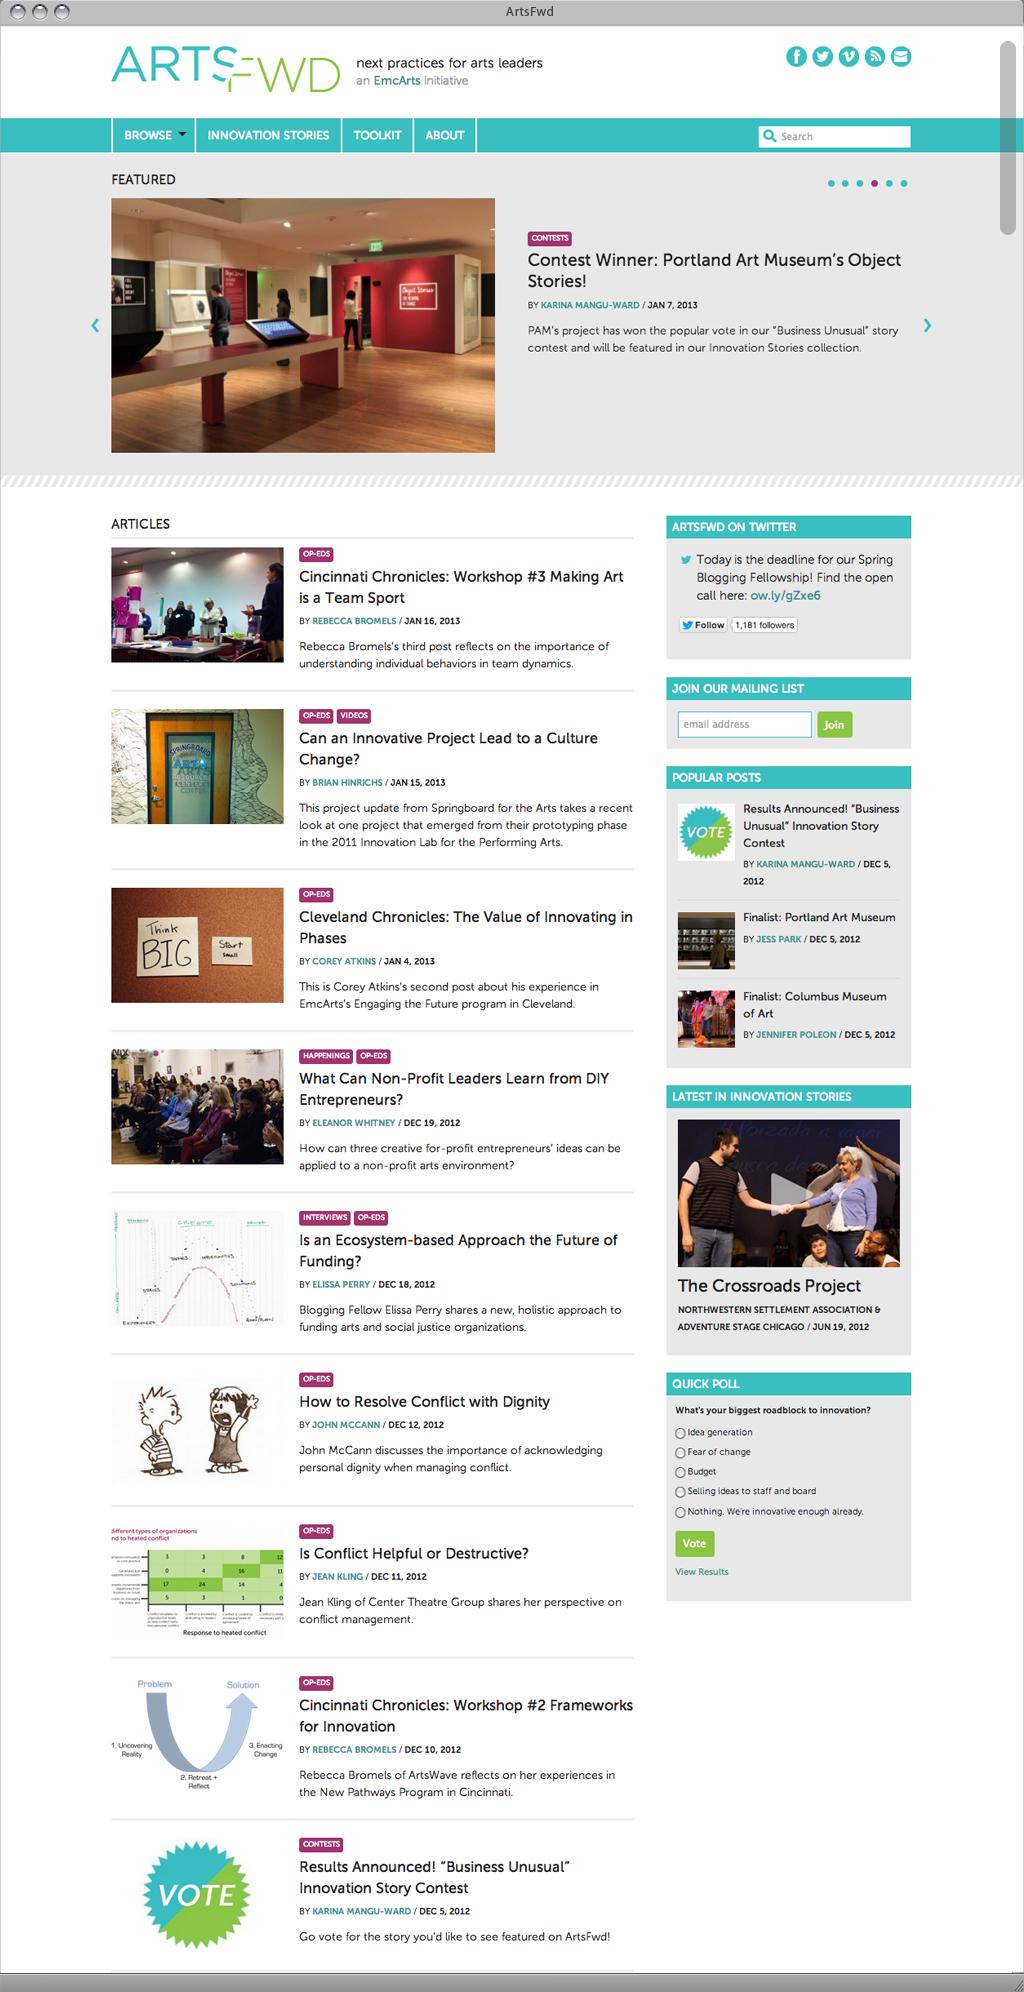 artsfwd2.0_homepage_desktop_v2_top